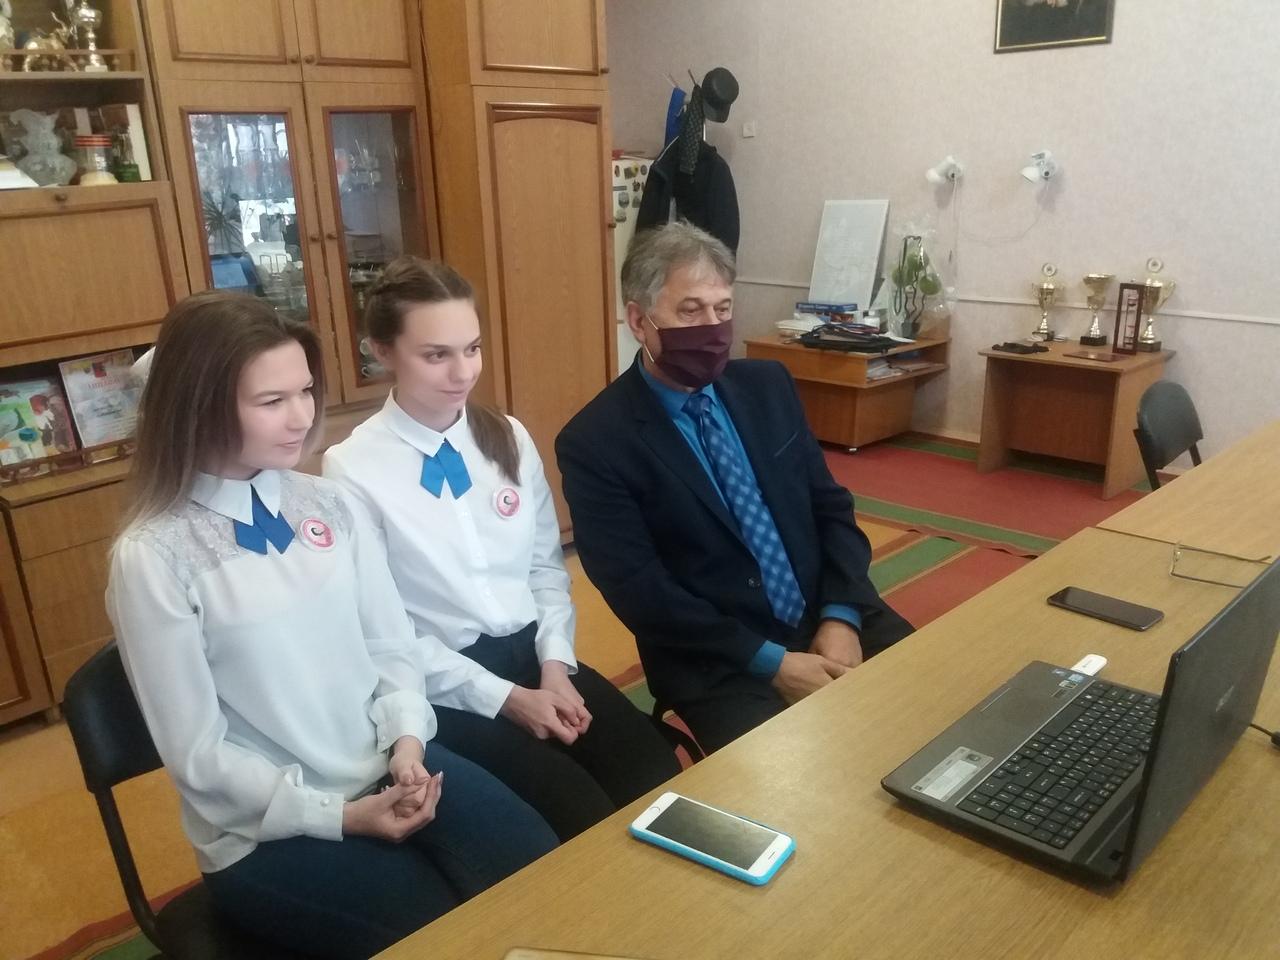 Юные панфиловцы из Петровска приняли участие в международном патриотическом онлайн-форуме